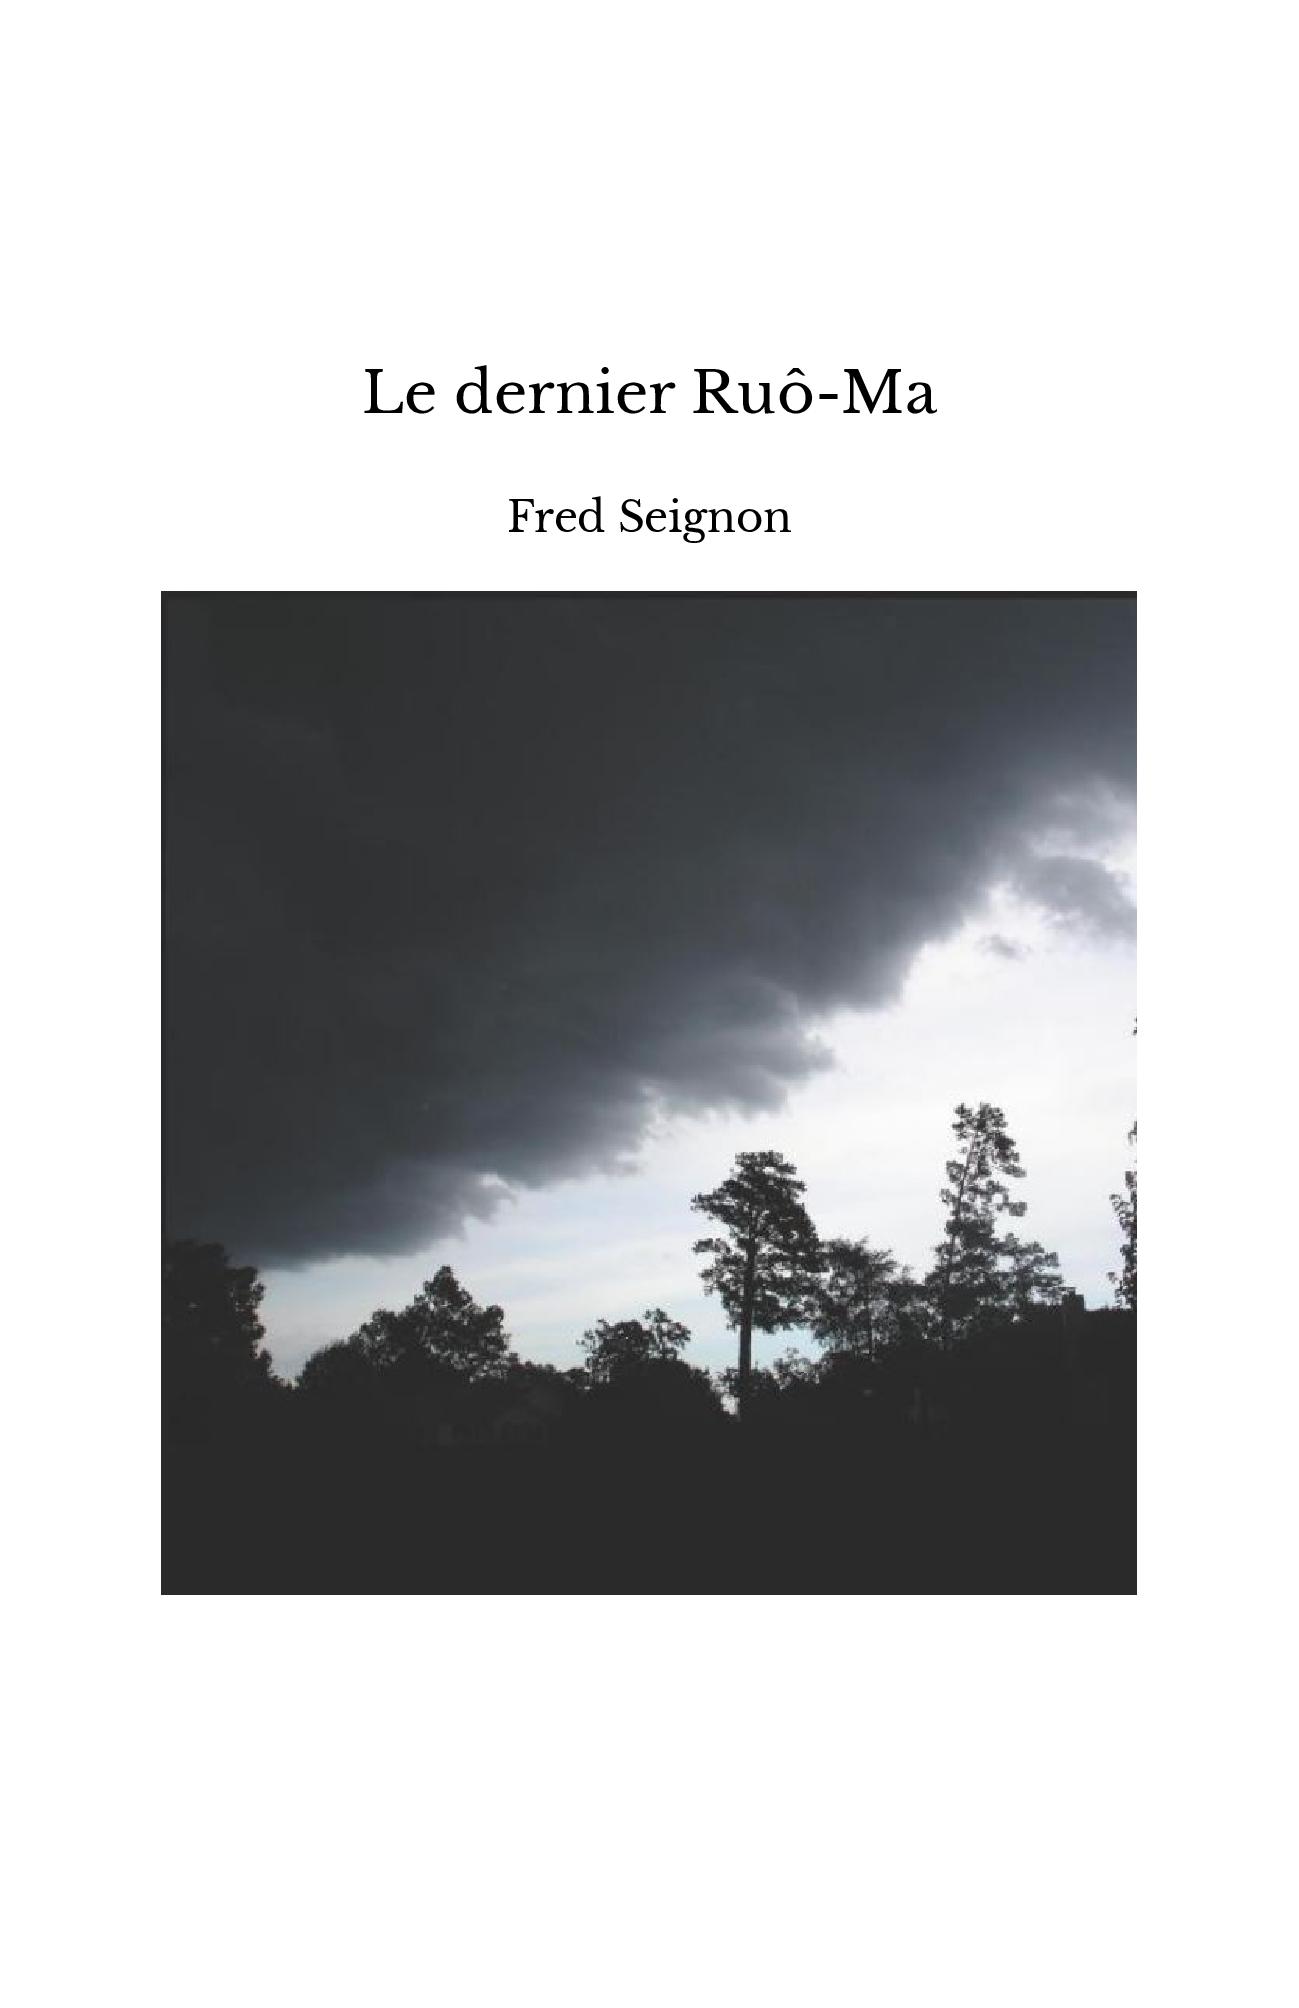 Le dernier Ruô-Ma